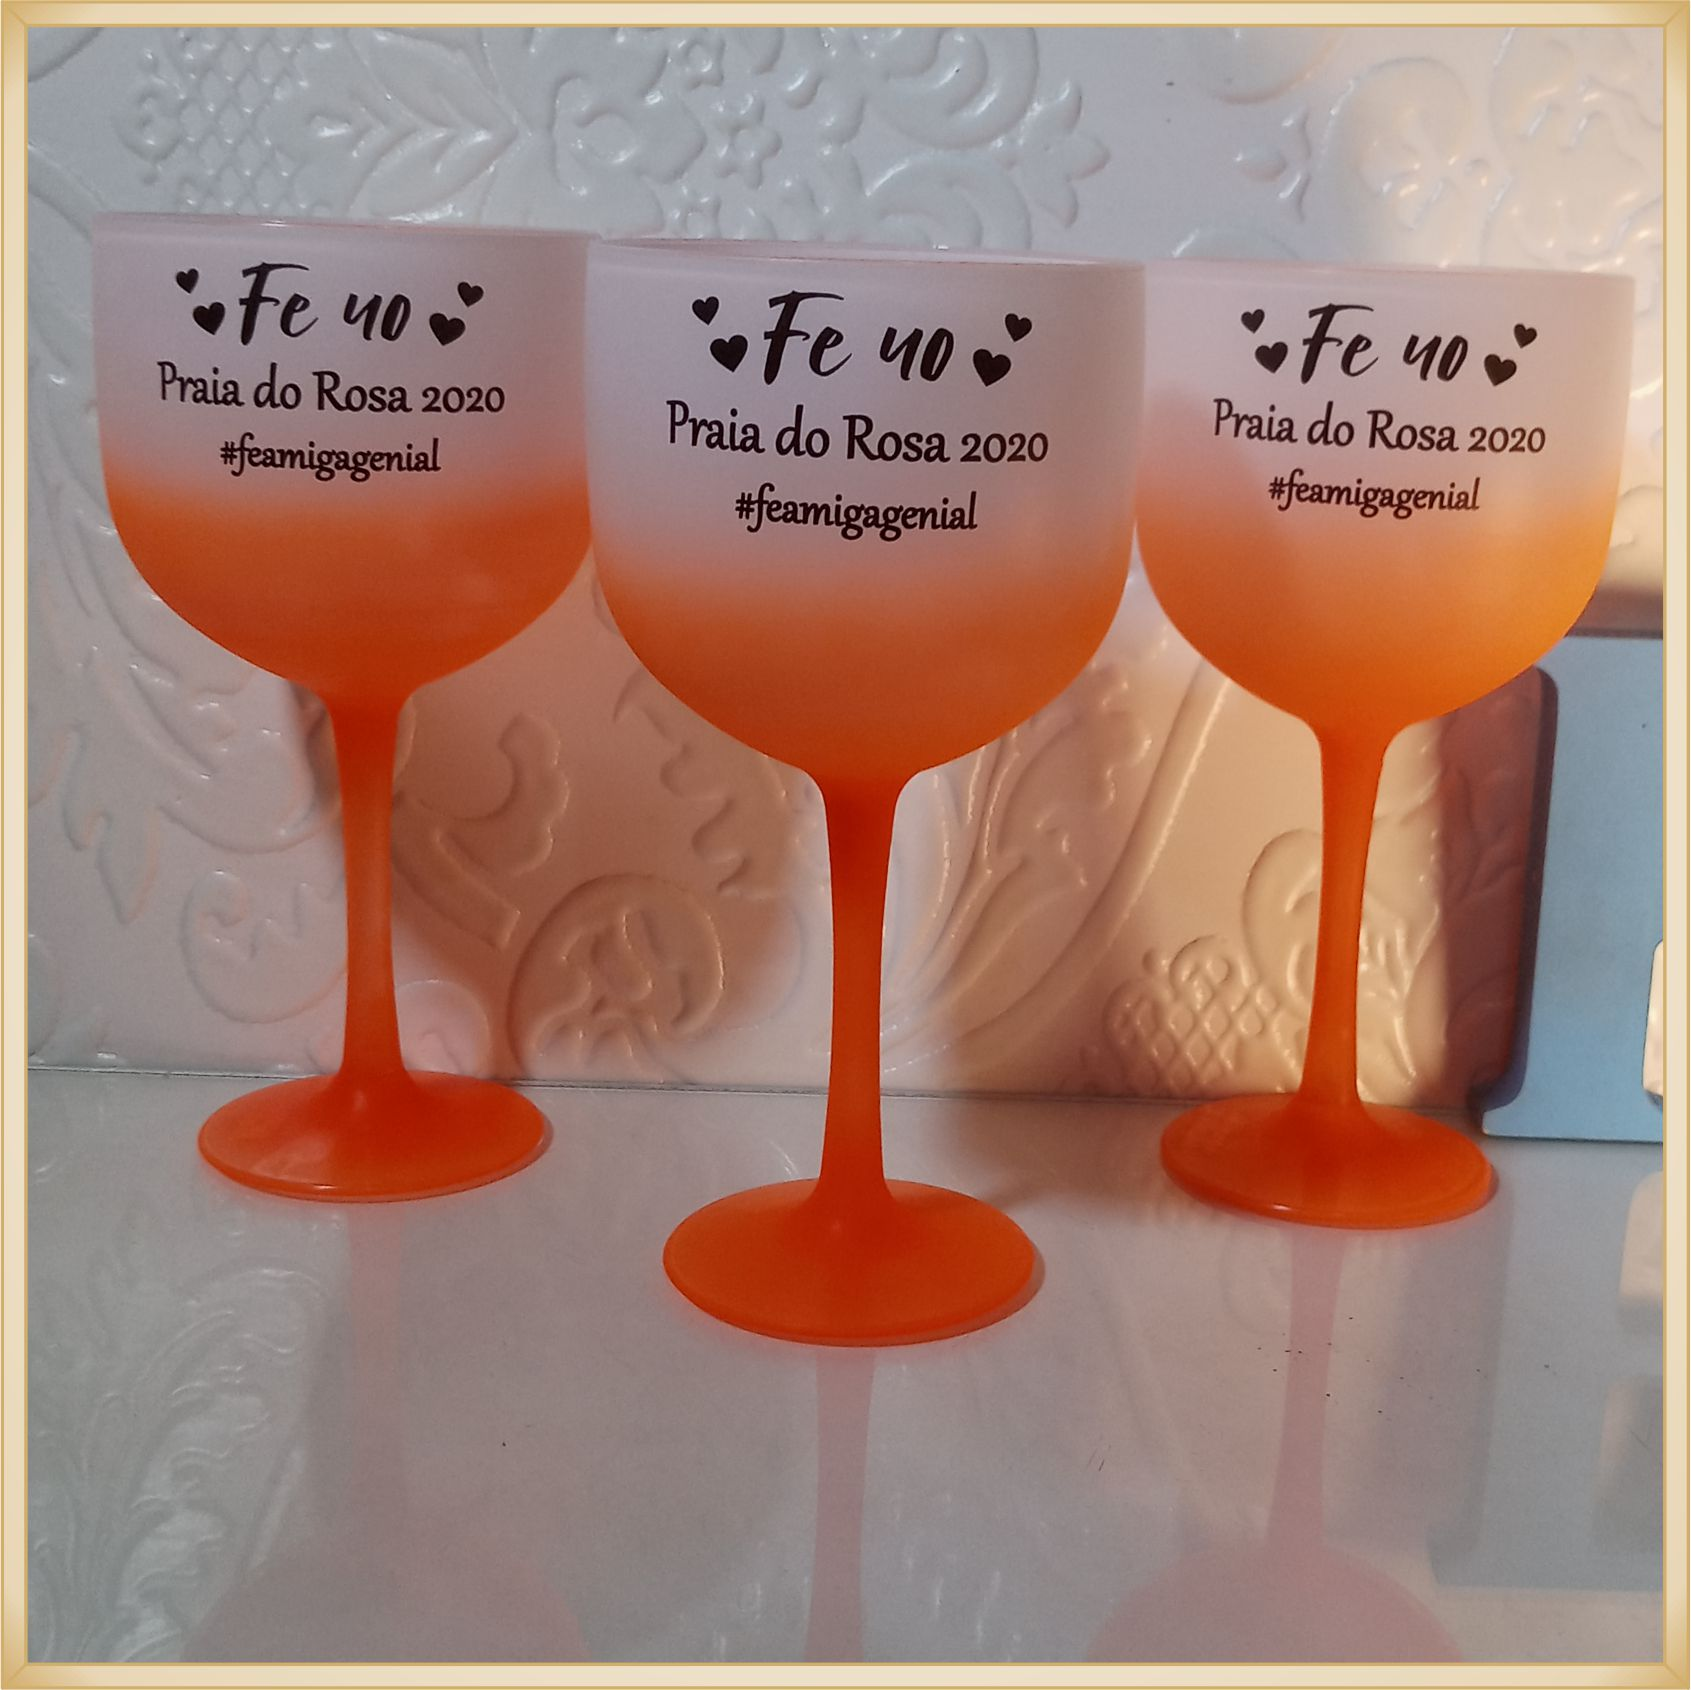 Taças de gin degradê personalizadas aniversário - alta qualidade, brilhante, ótimo acabamento, parede de 2,5mm, material atóxico, 580 ml - kit 15 unidades